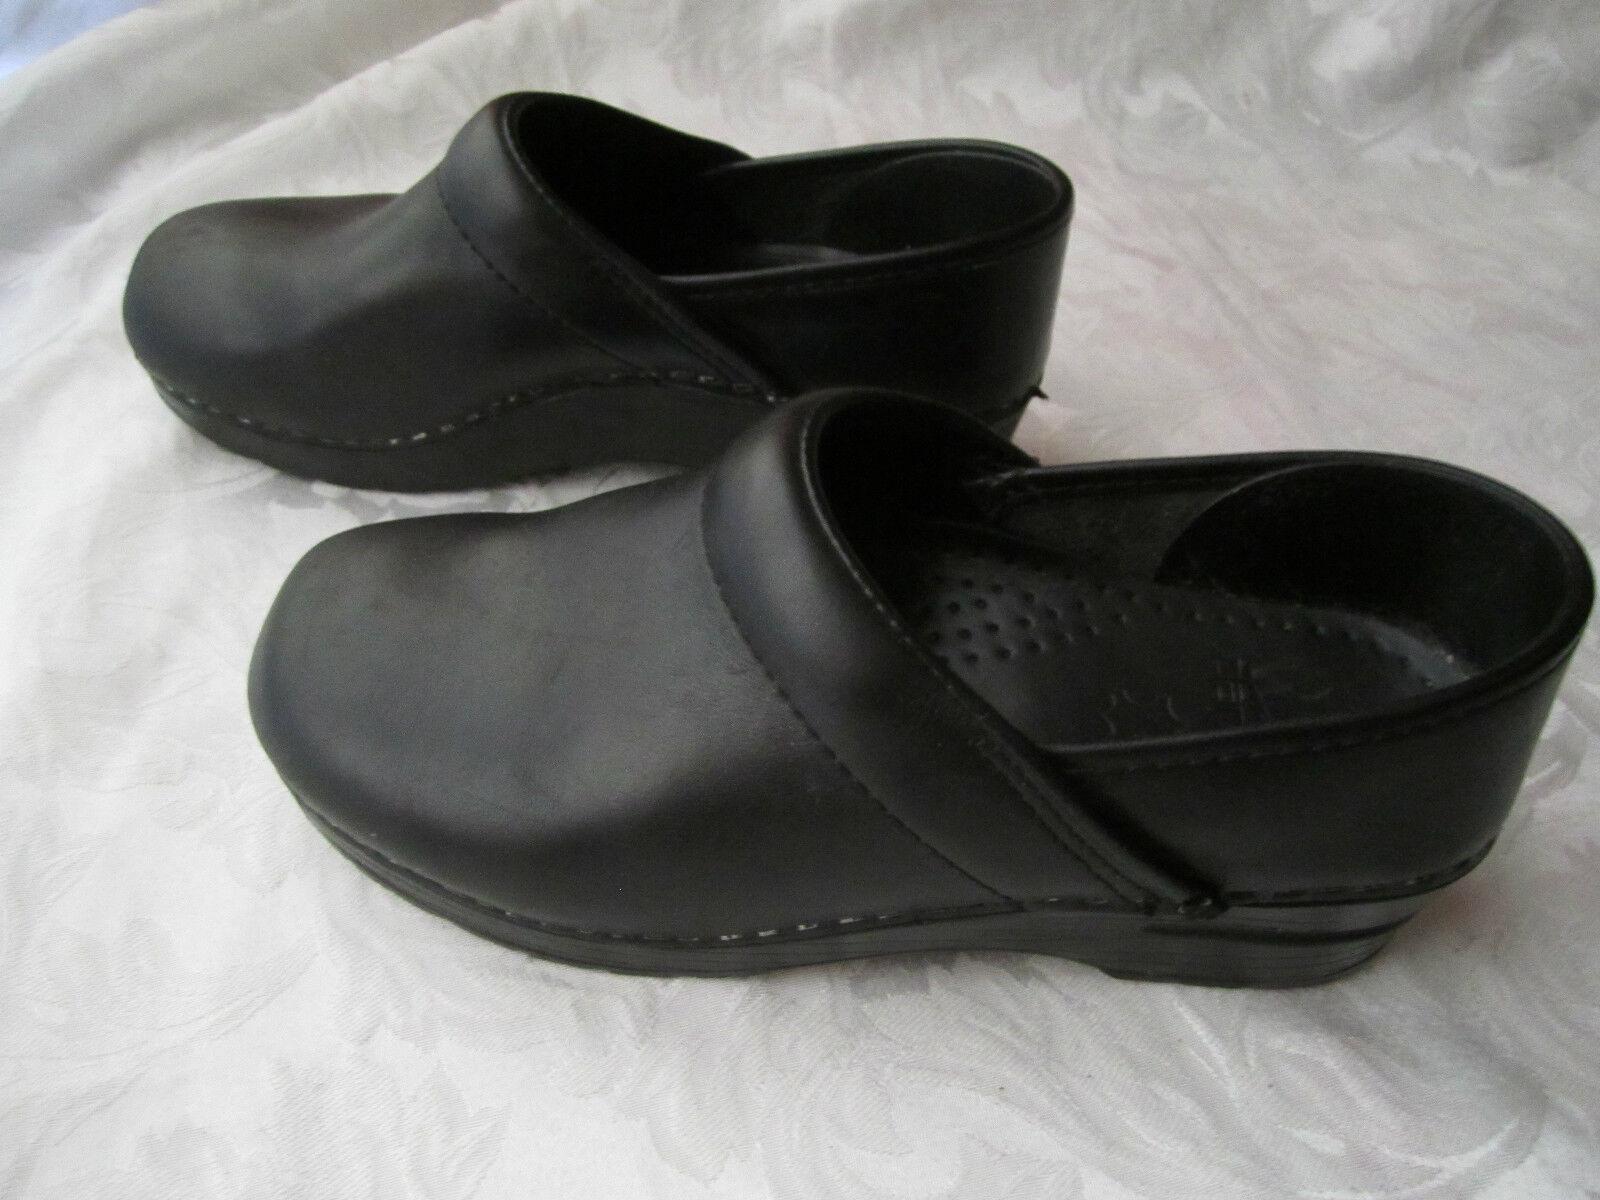 migliore offerta DANSKO nero Leather Professional Clogs - VGUC VGUC VGUC - 38 8  Offriamo vari marchi famosi